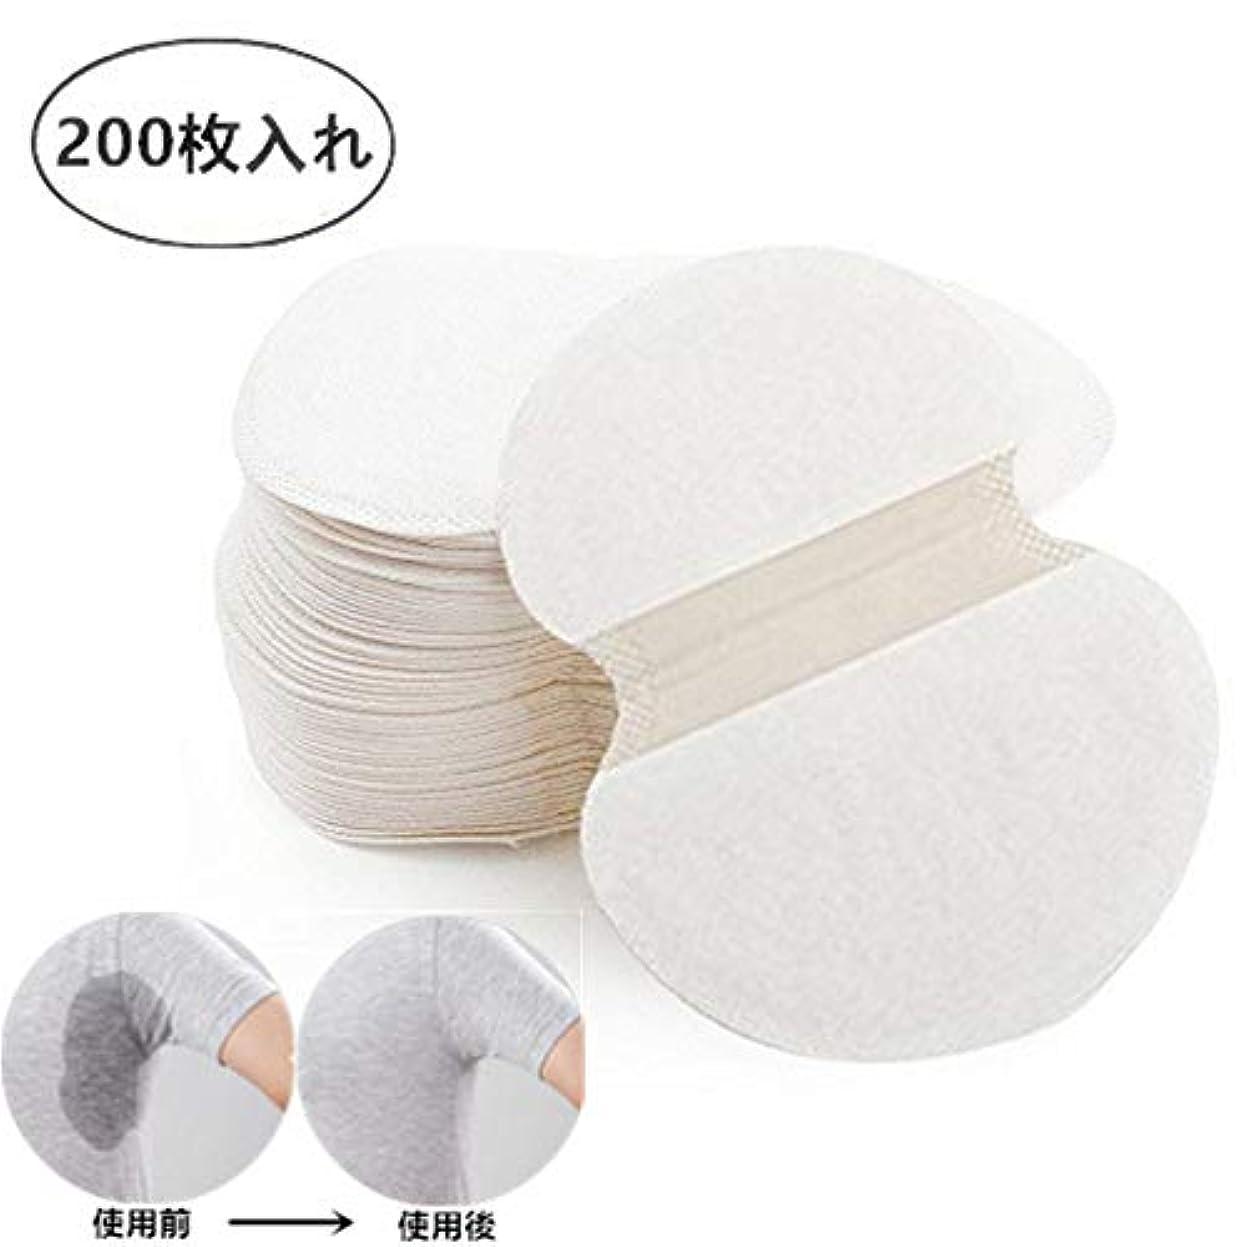 シリアルテープブームYUANSHOP1 わき汗パット さらさら あせジミ防止 汗取りパット 防臭シート 無香料 メンズ レディース 大きめ(200枚入れ)